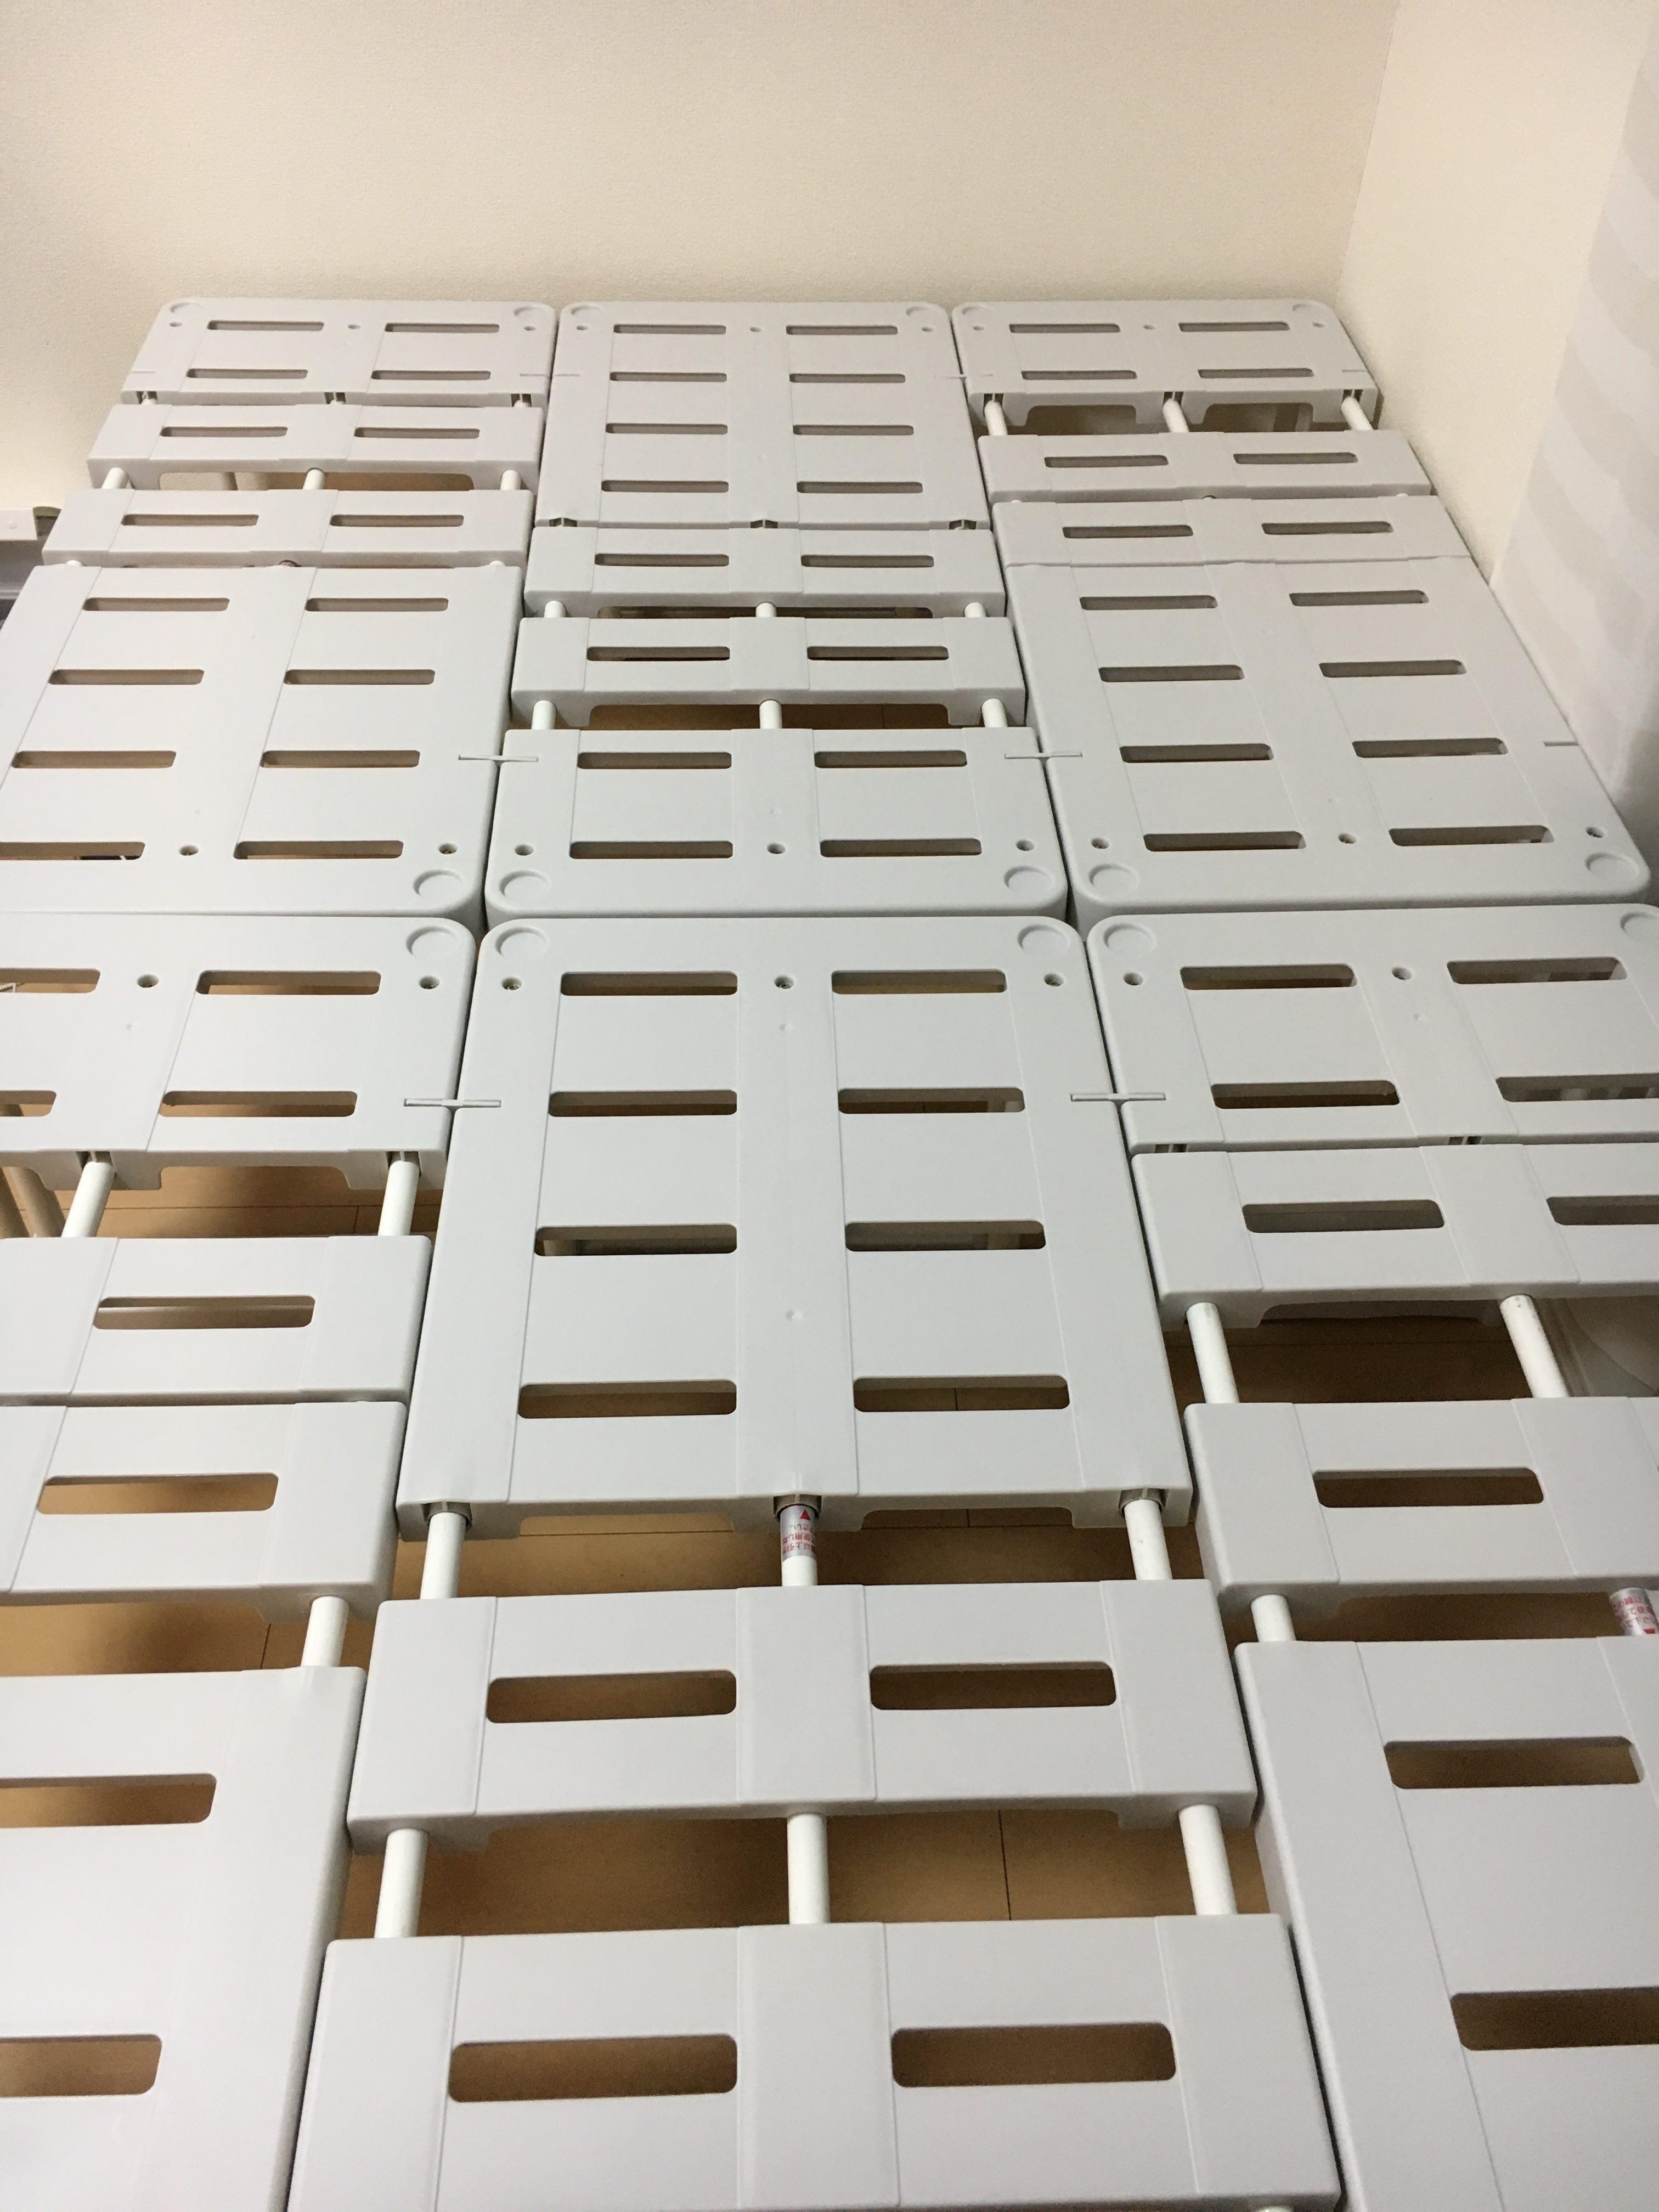 ベッドの代用品は格安で組立簡単な「押入れ収納棚」が絶対オススメ!理由を作り方を説明